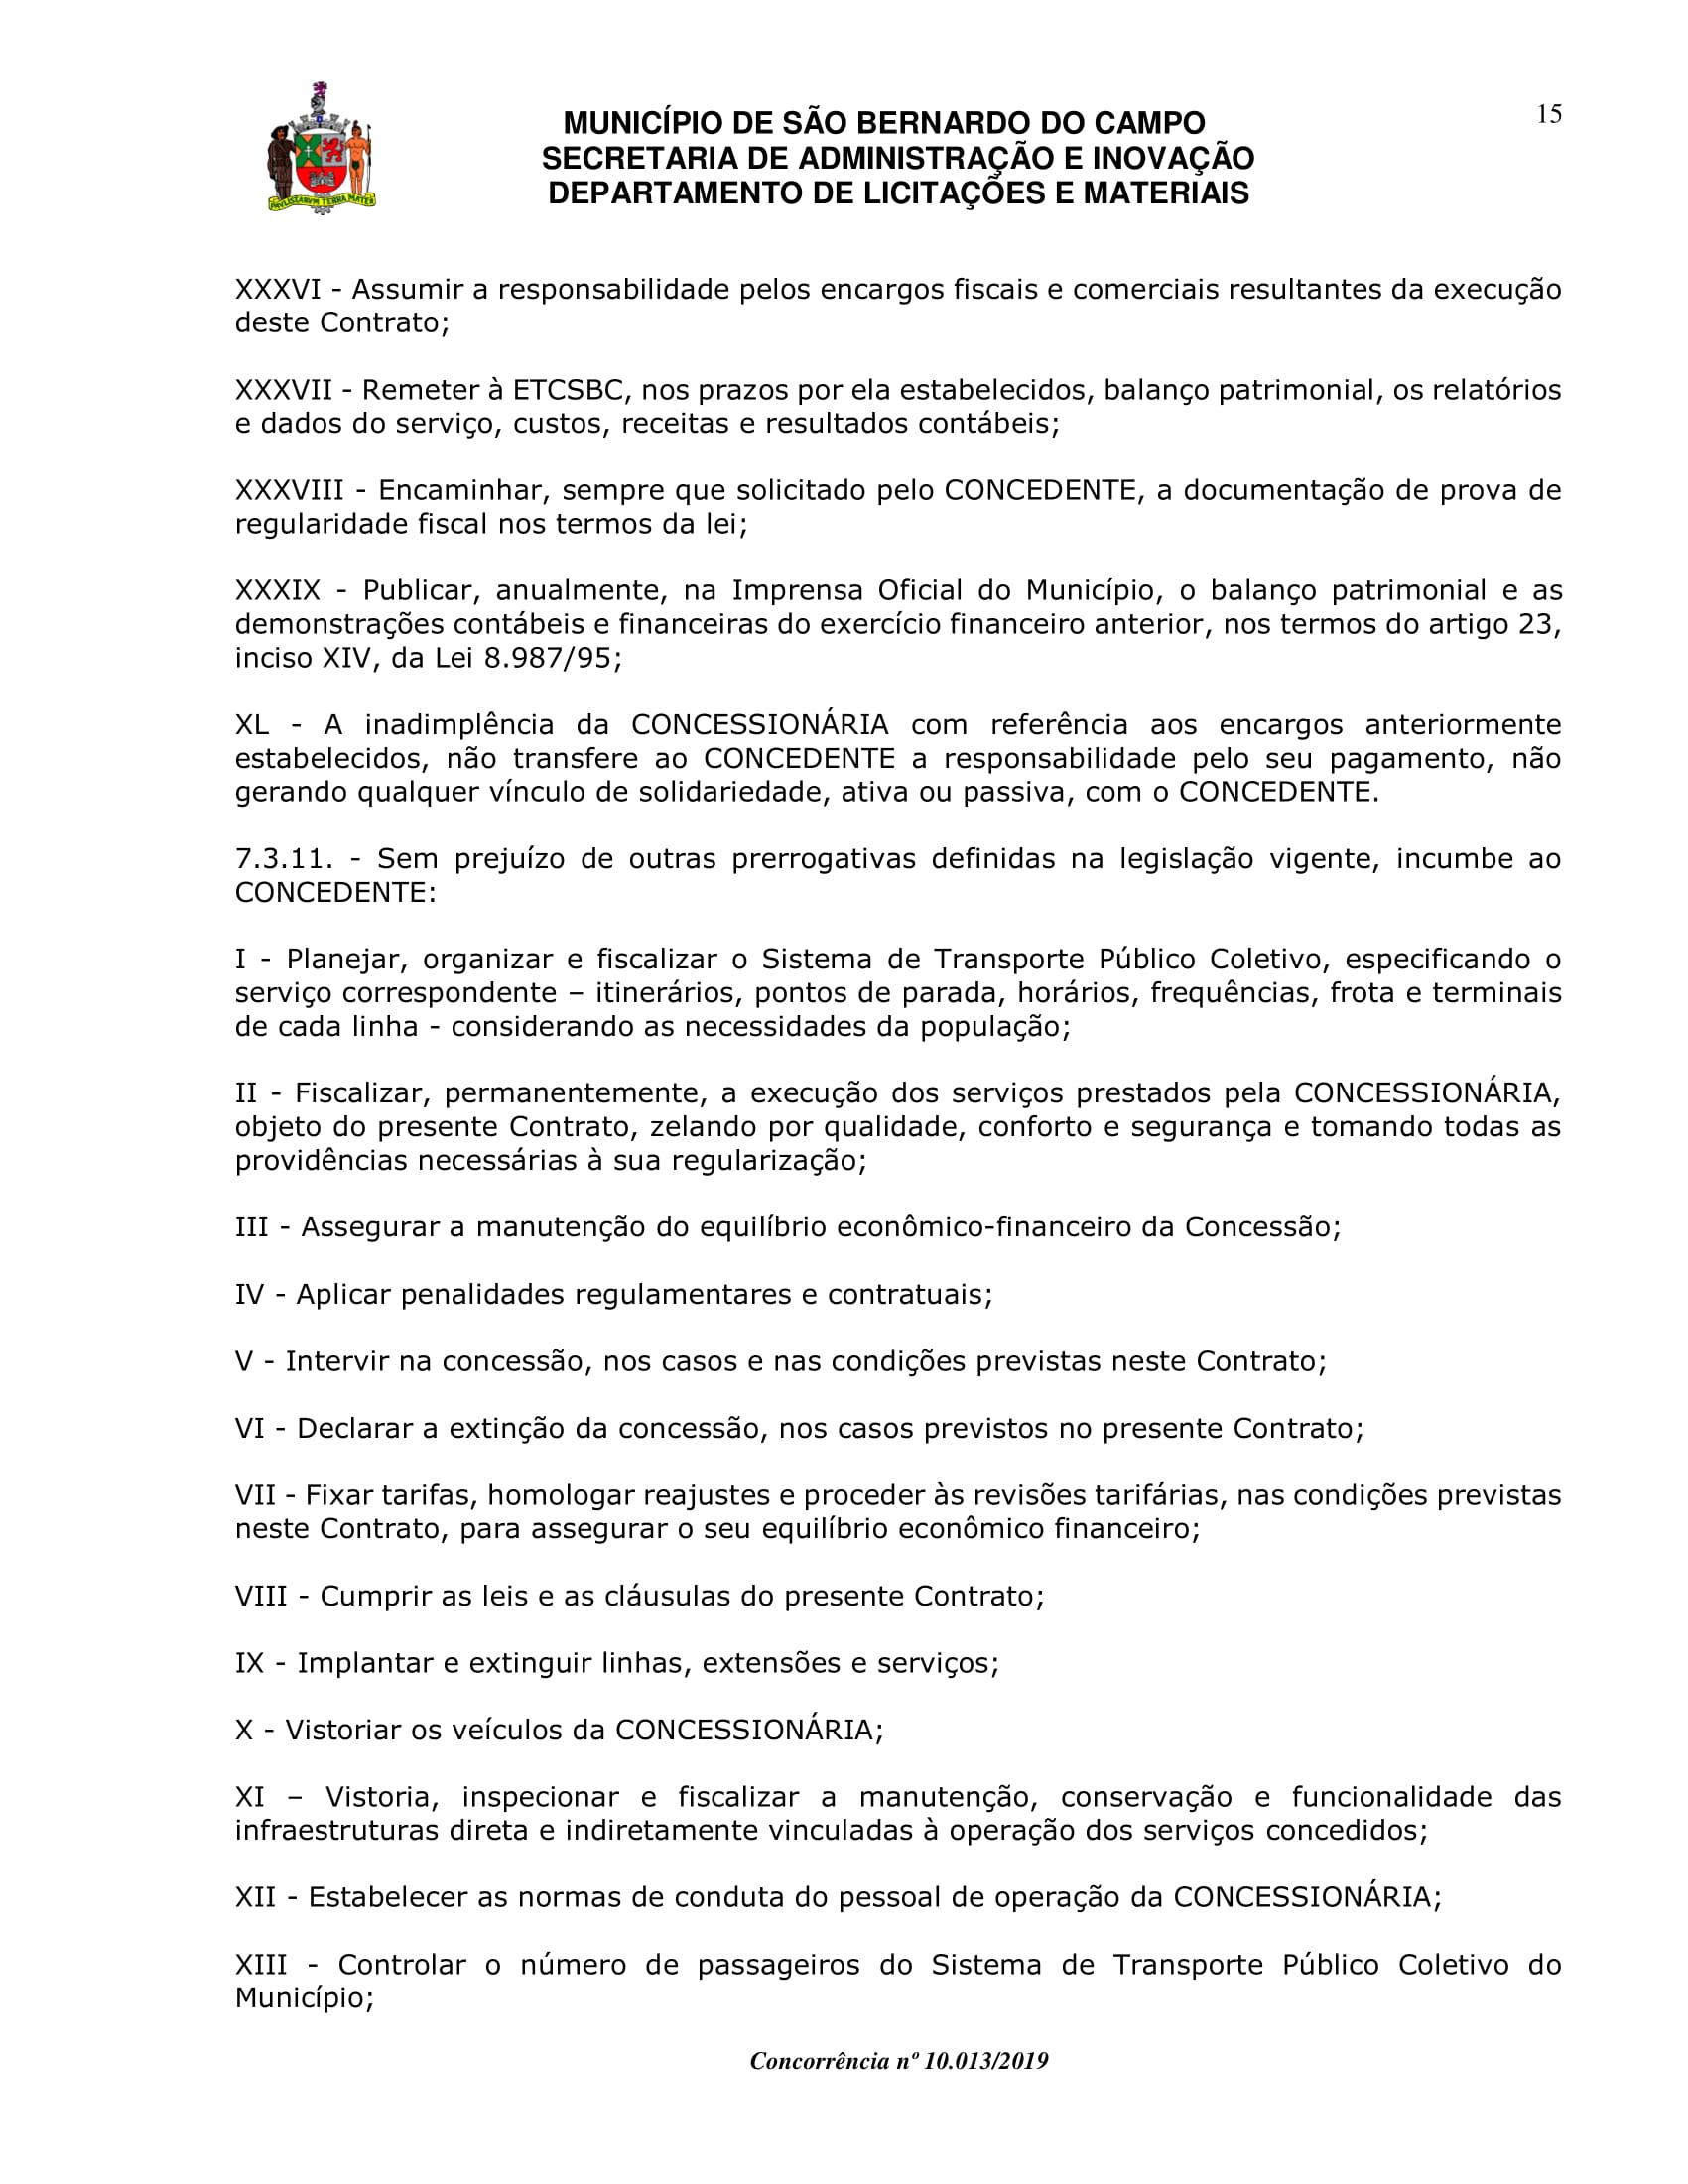 CP.10.013-19 edital-15